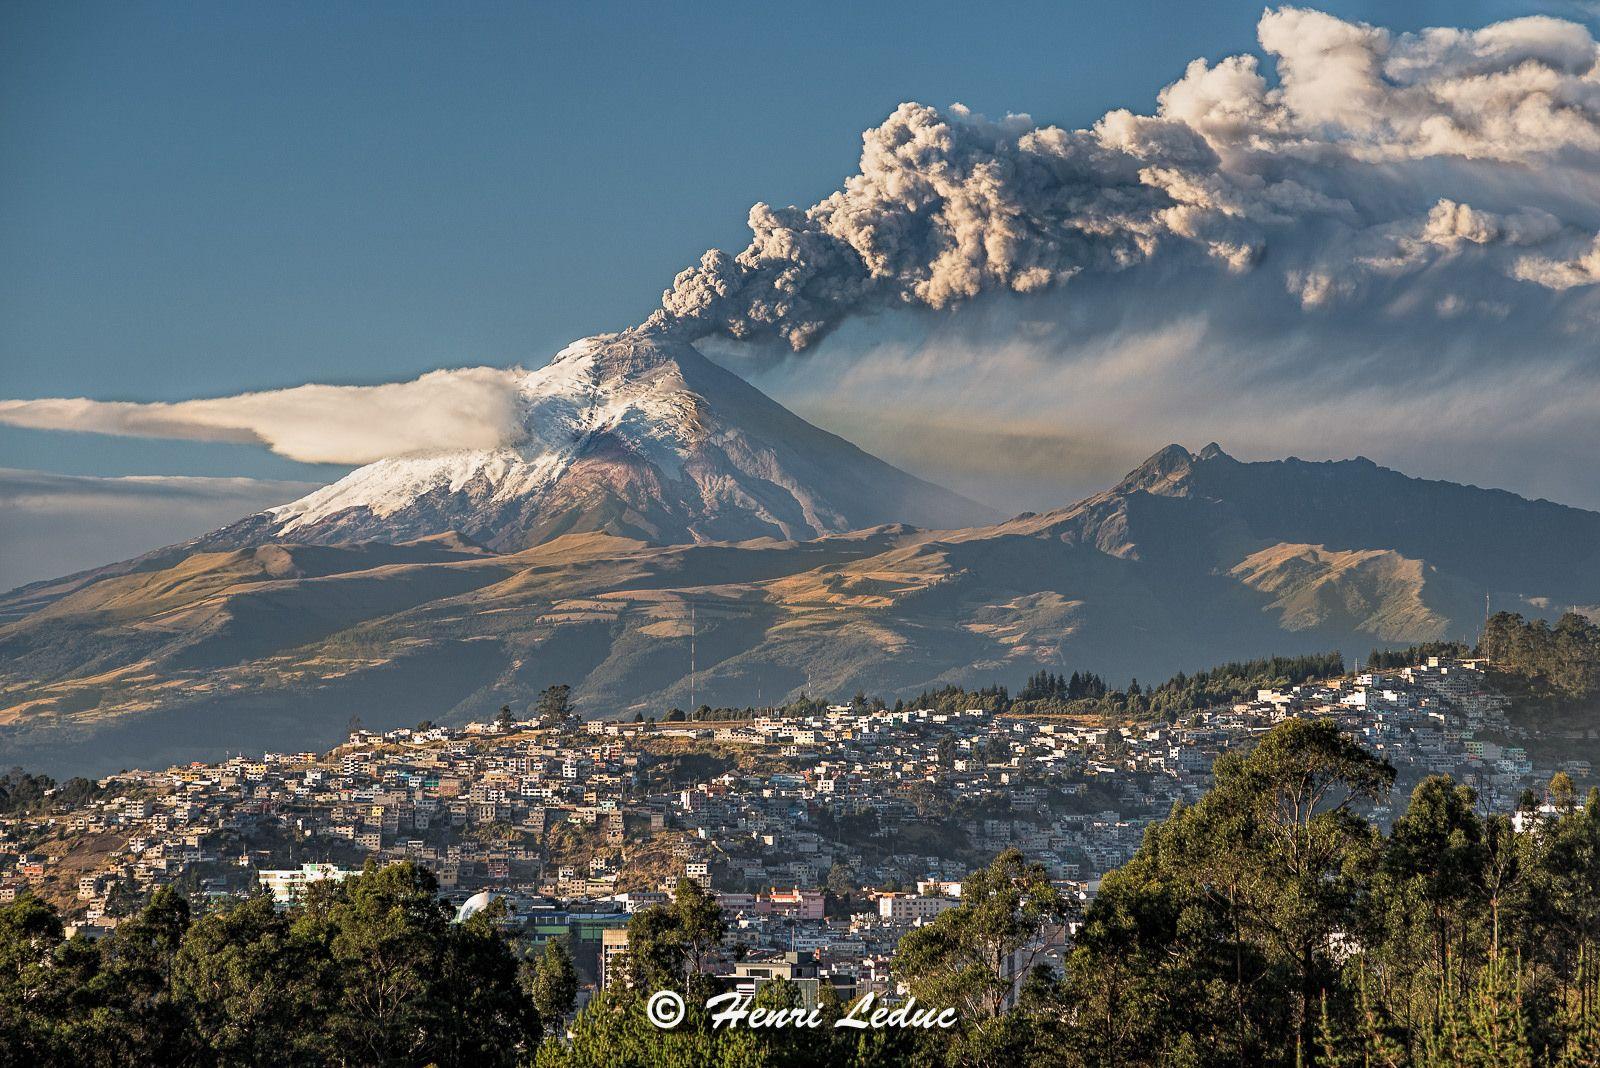 Cotopaxi Volcano Eruption Explored Paisajes Ecuador Fotografia Paisaje Urbano Paisajes De Colombia